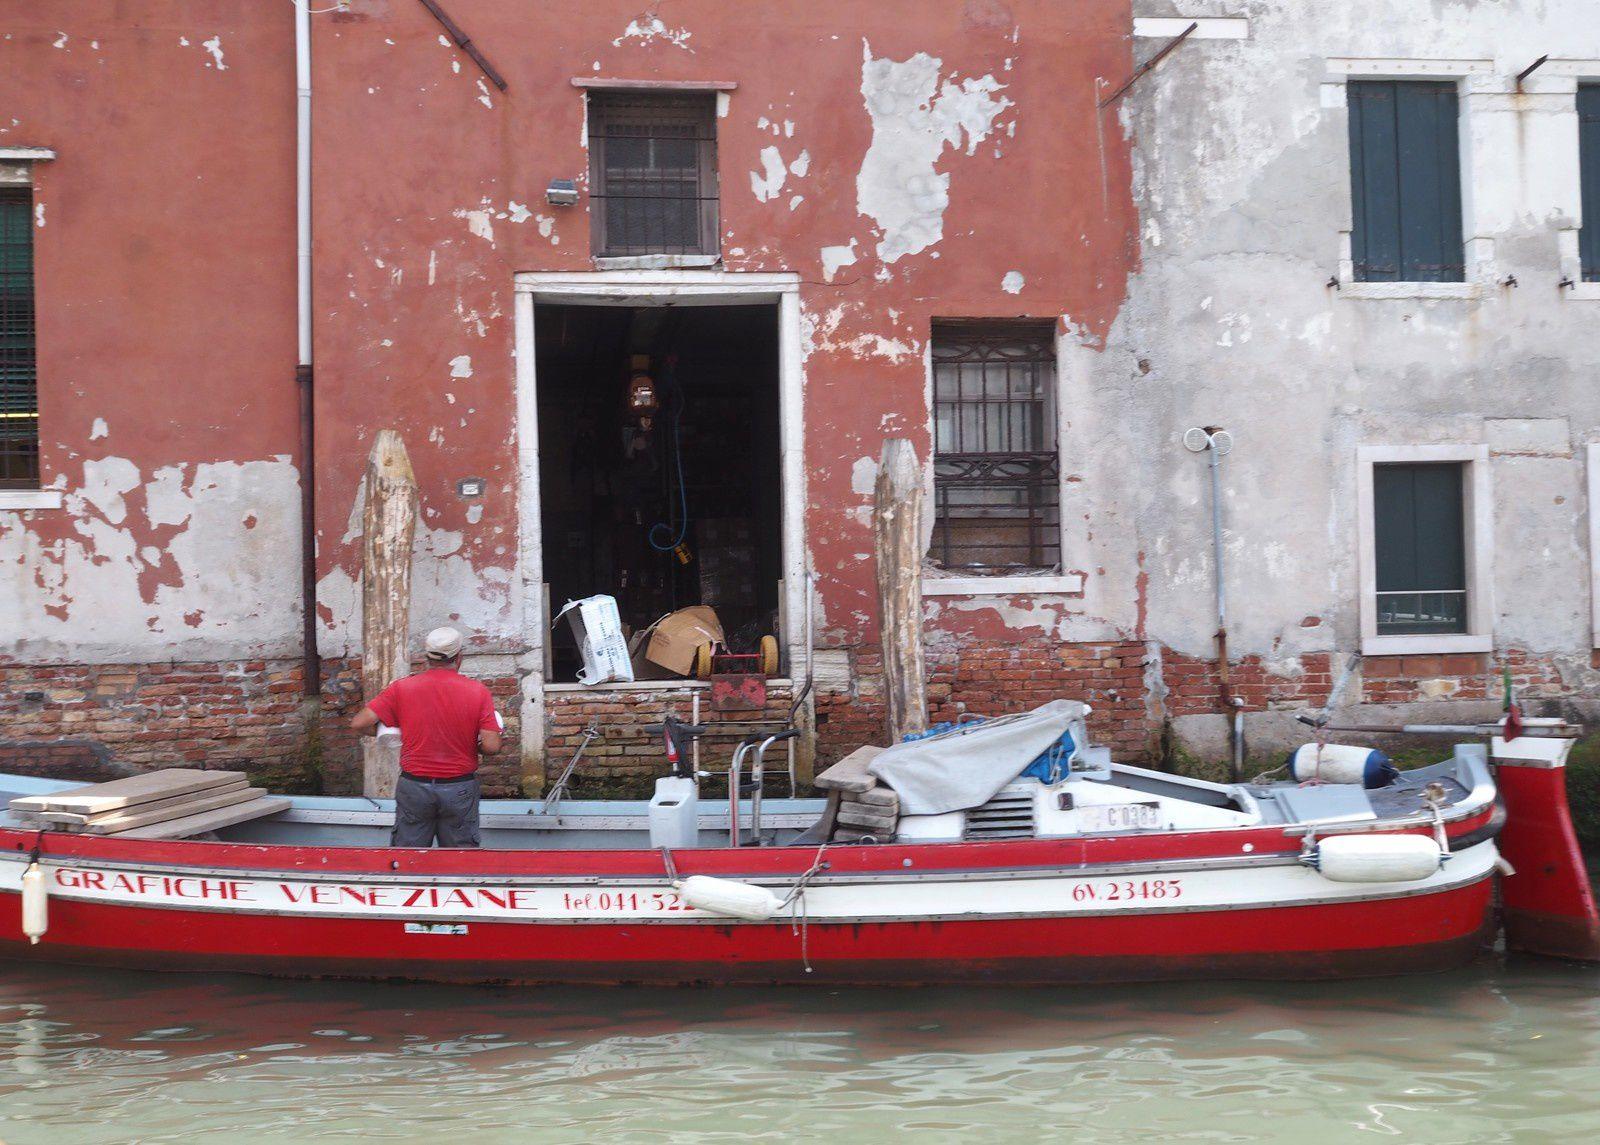 tout actif vénitien a deux métiers : l'un est marin